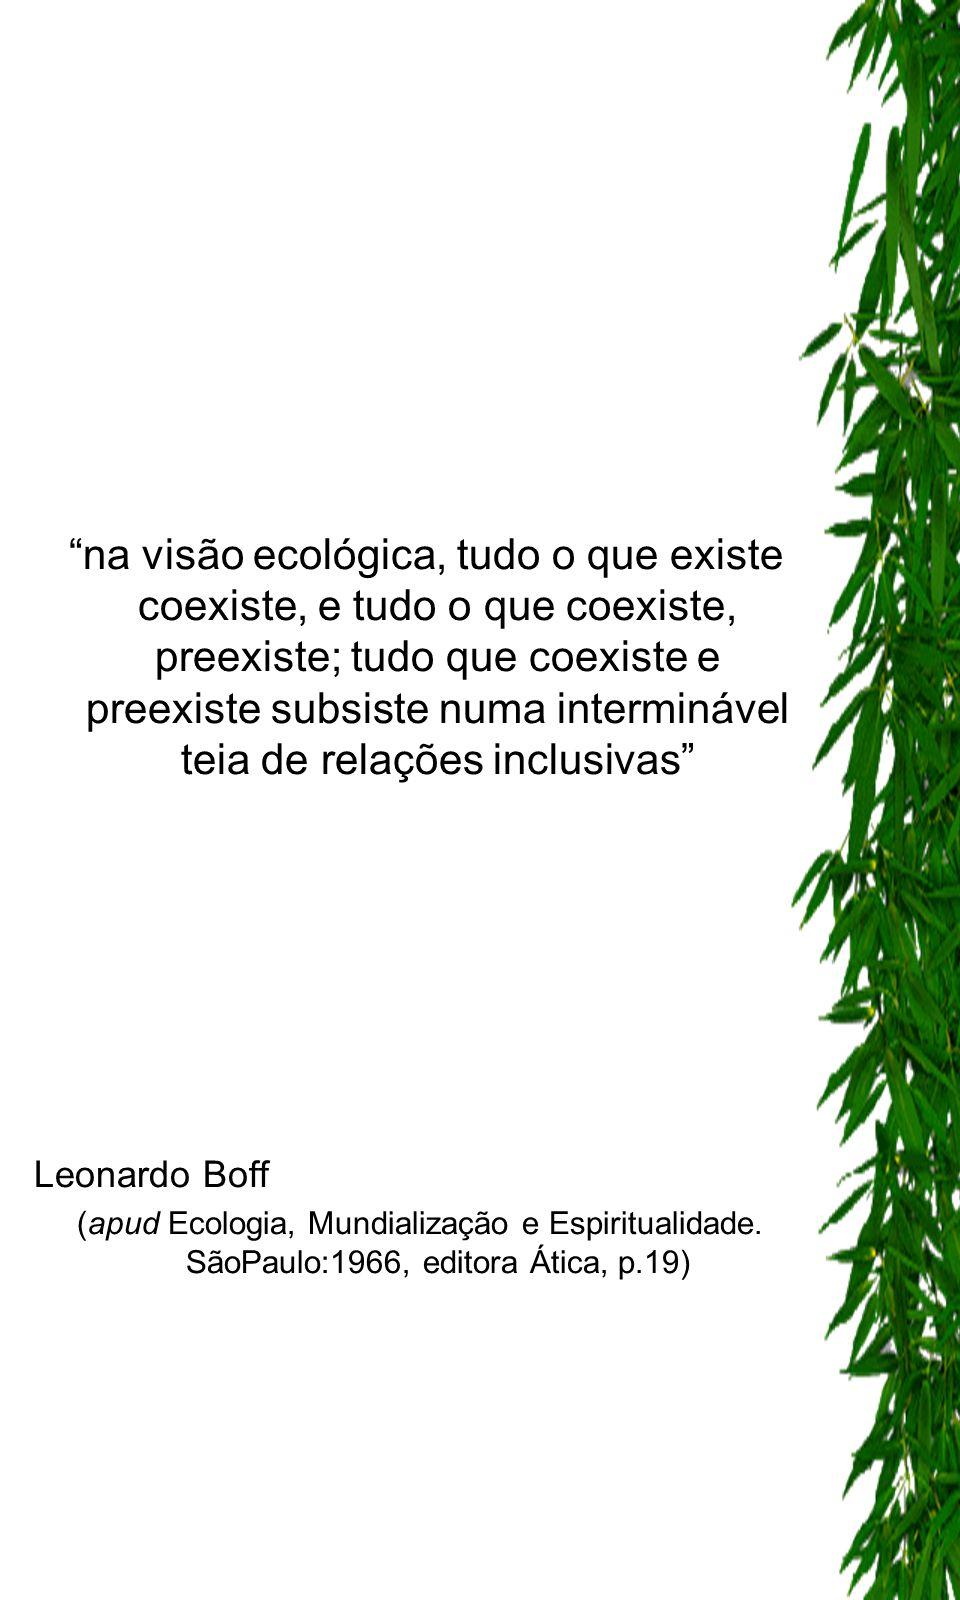 na visão ecológica, tudo o que existe coexiste, e tudo o que coexiste, preexiste; tudo que coexiste e preexiste subsiste numa interminável teia de relações inclusivas